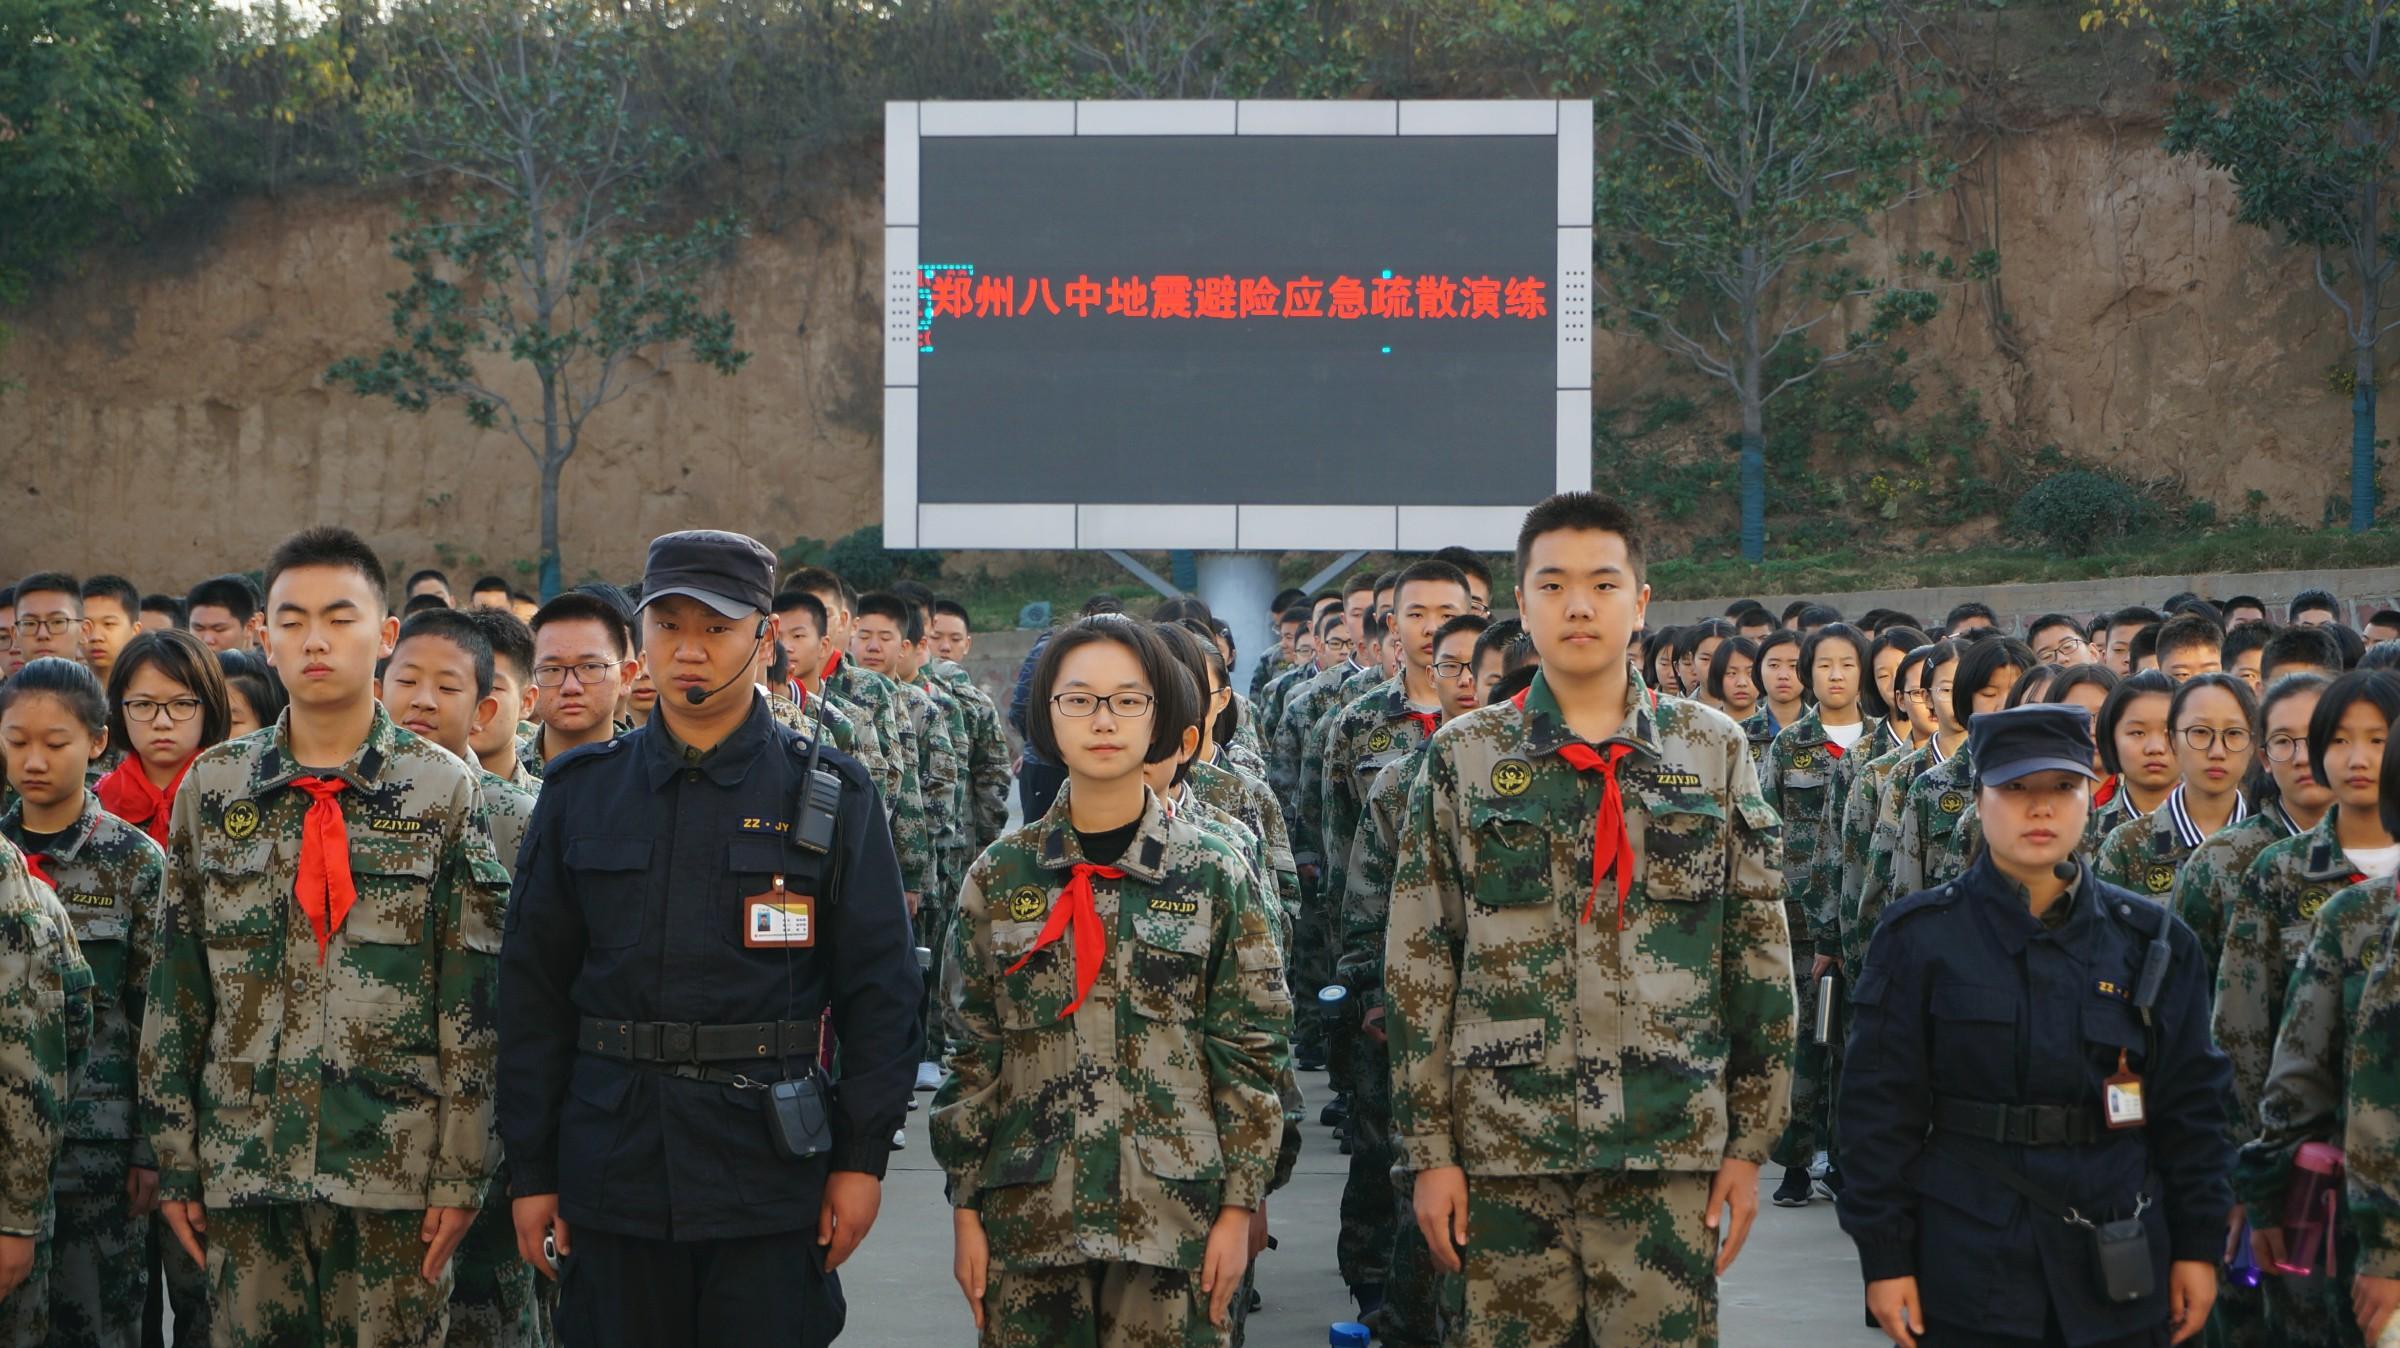 10月30日,郑州八中八年级全体师生在郑州市中小学校外教育基地举行